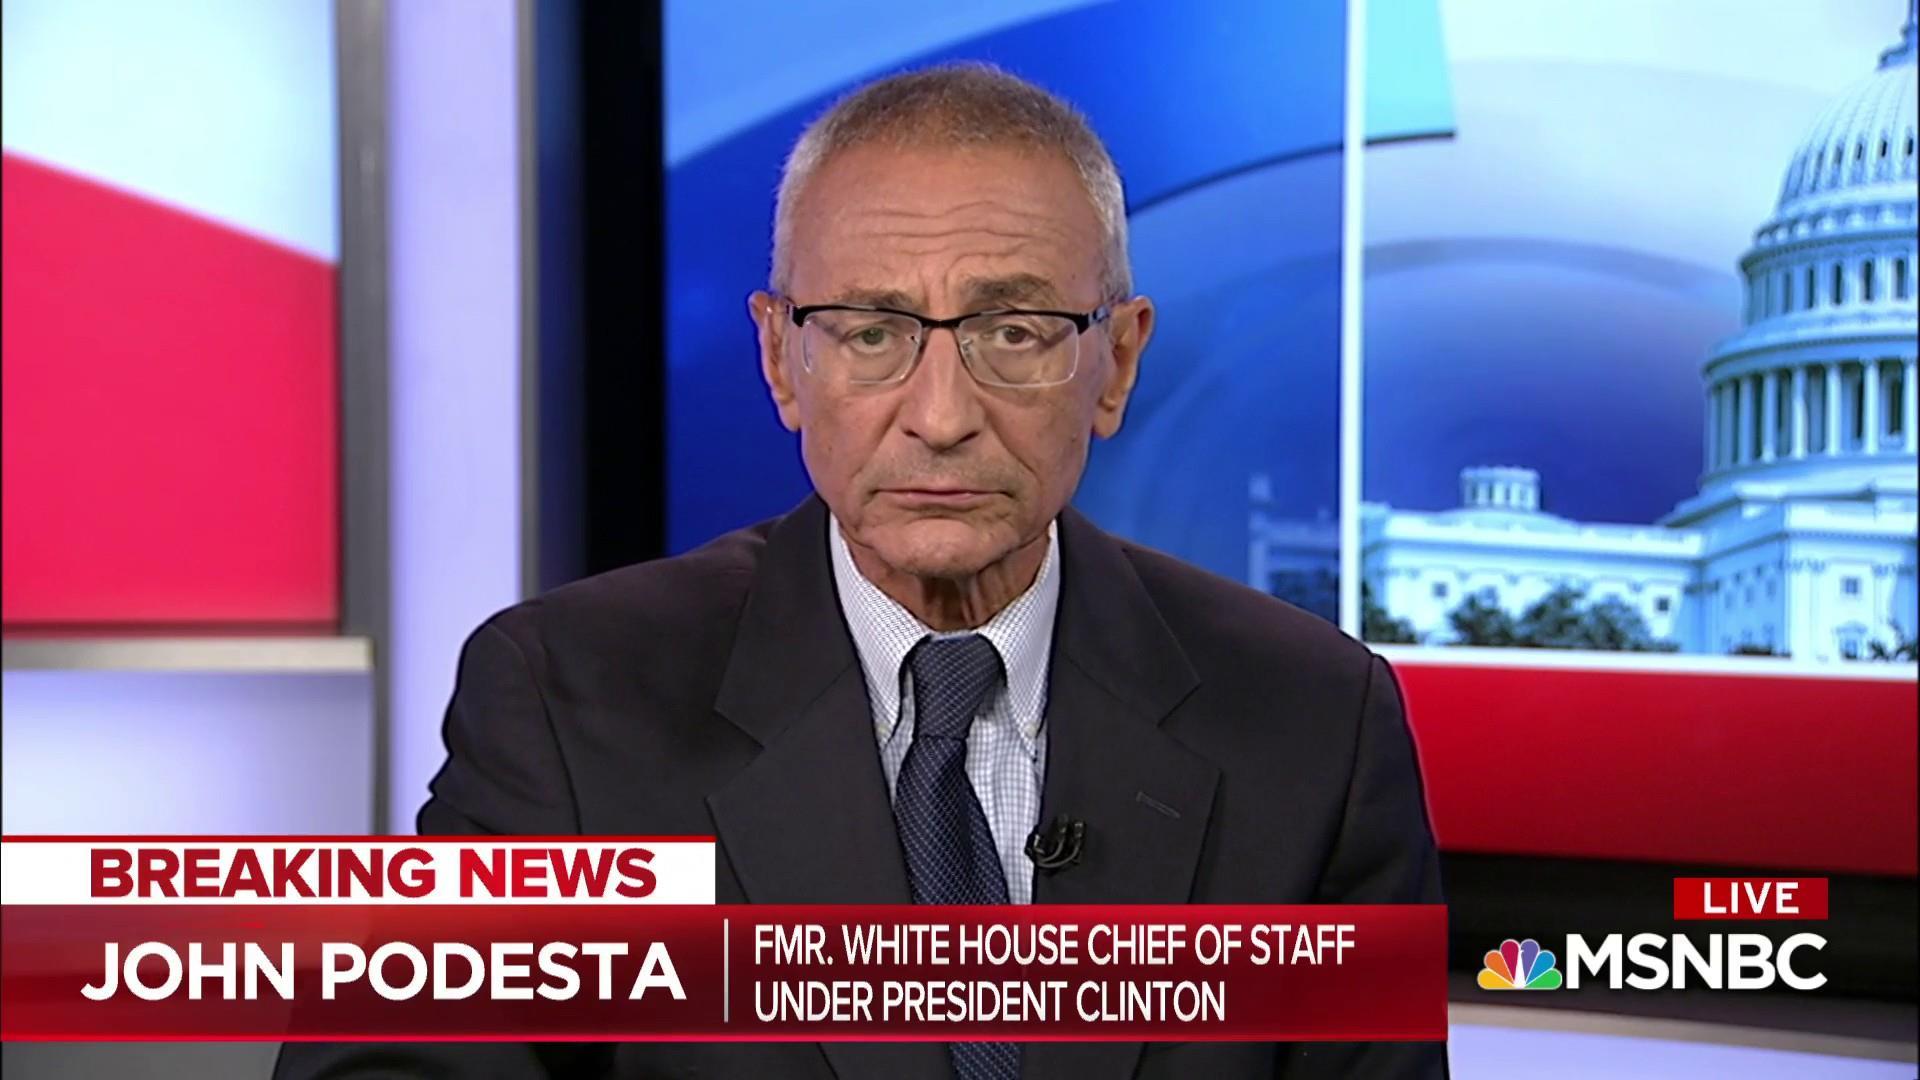 John Podesta on why John Kelly has not quit